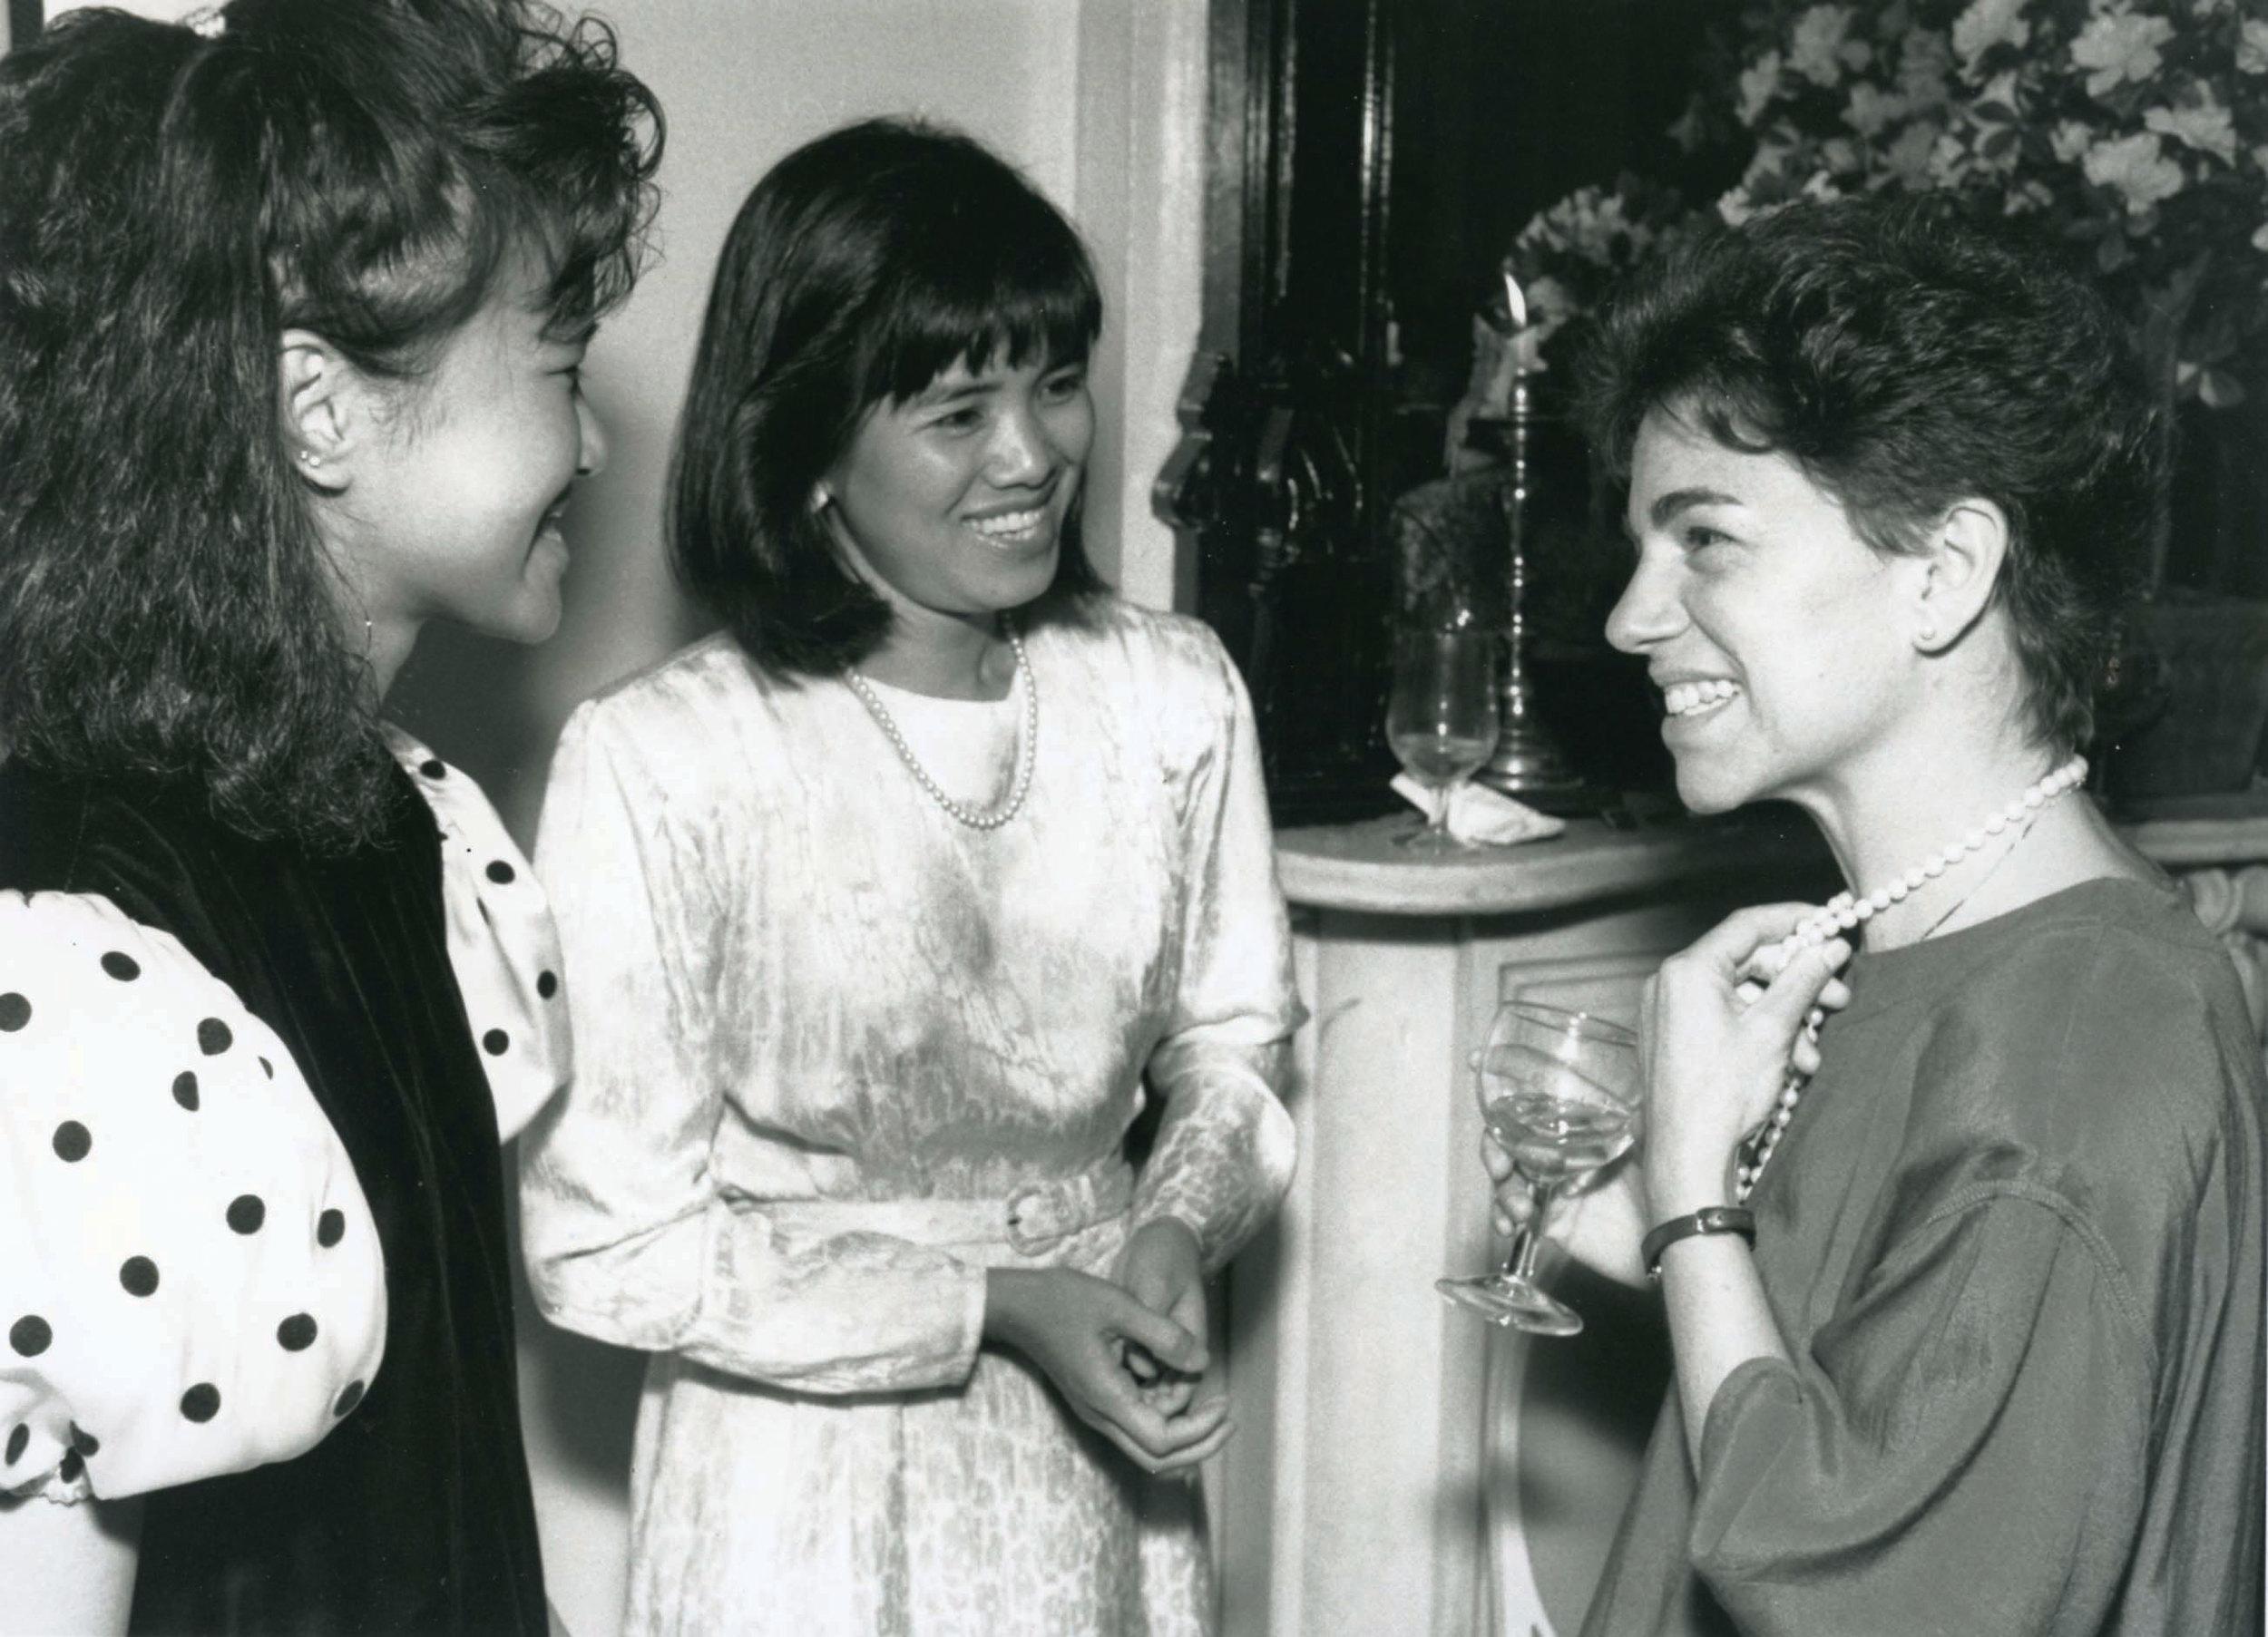 Vu Thanh Thuy, center, with Ellen Joseph, right, 1989.